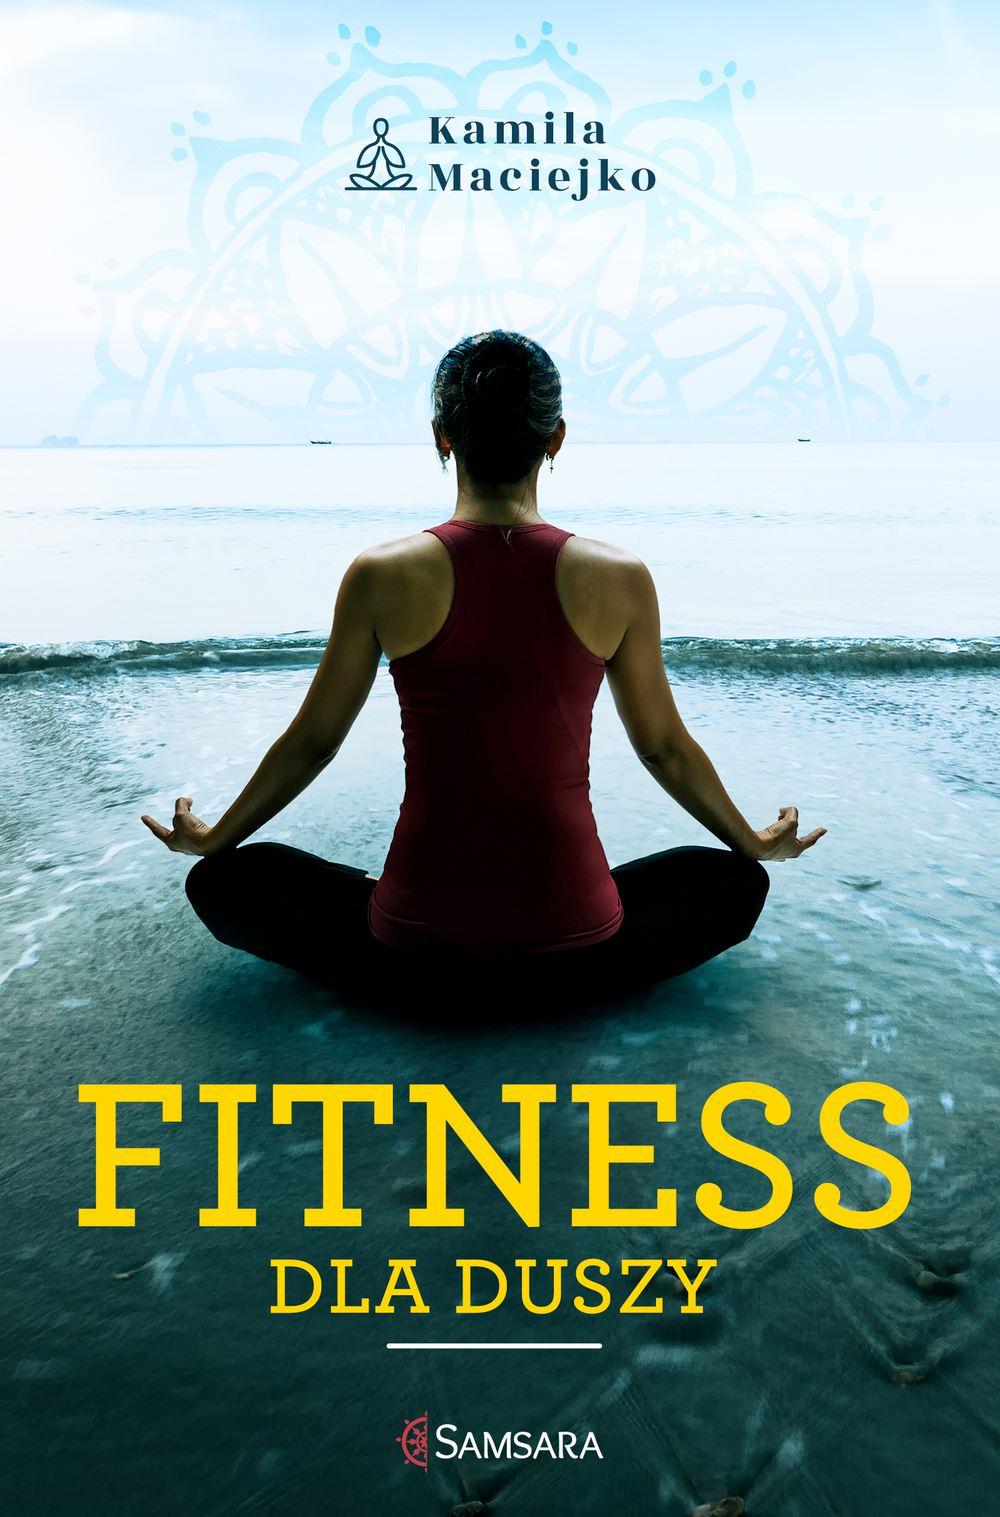 Fitness dla duszy - Ebook (Książka EPUB) do pobrania w formacie EPUB